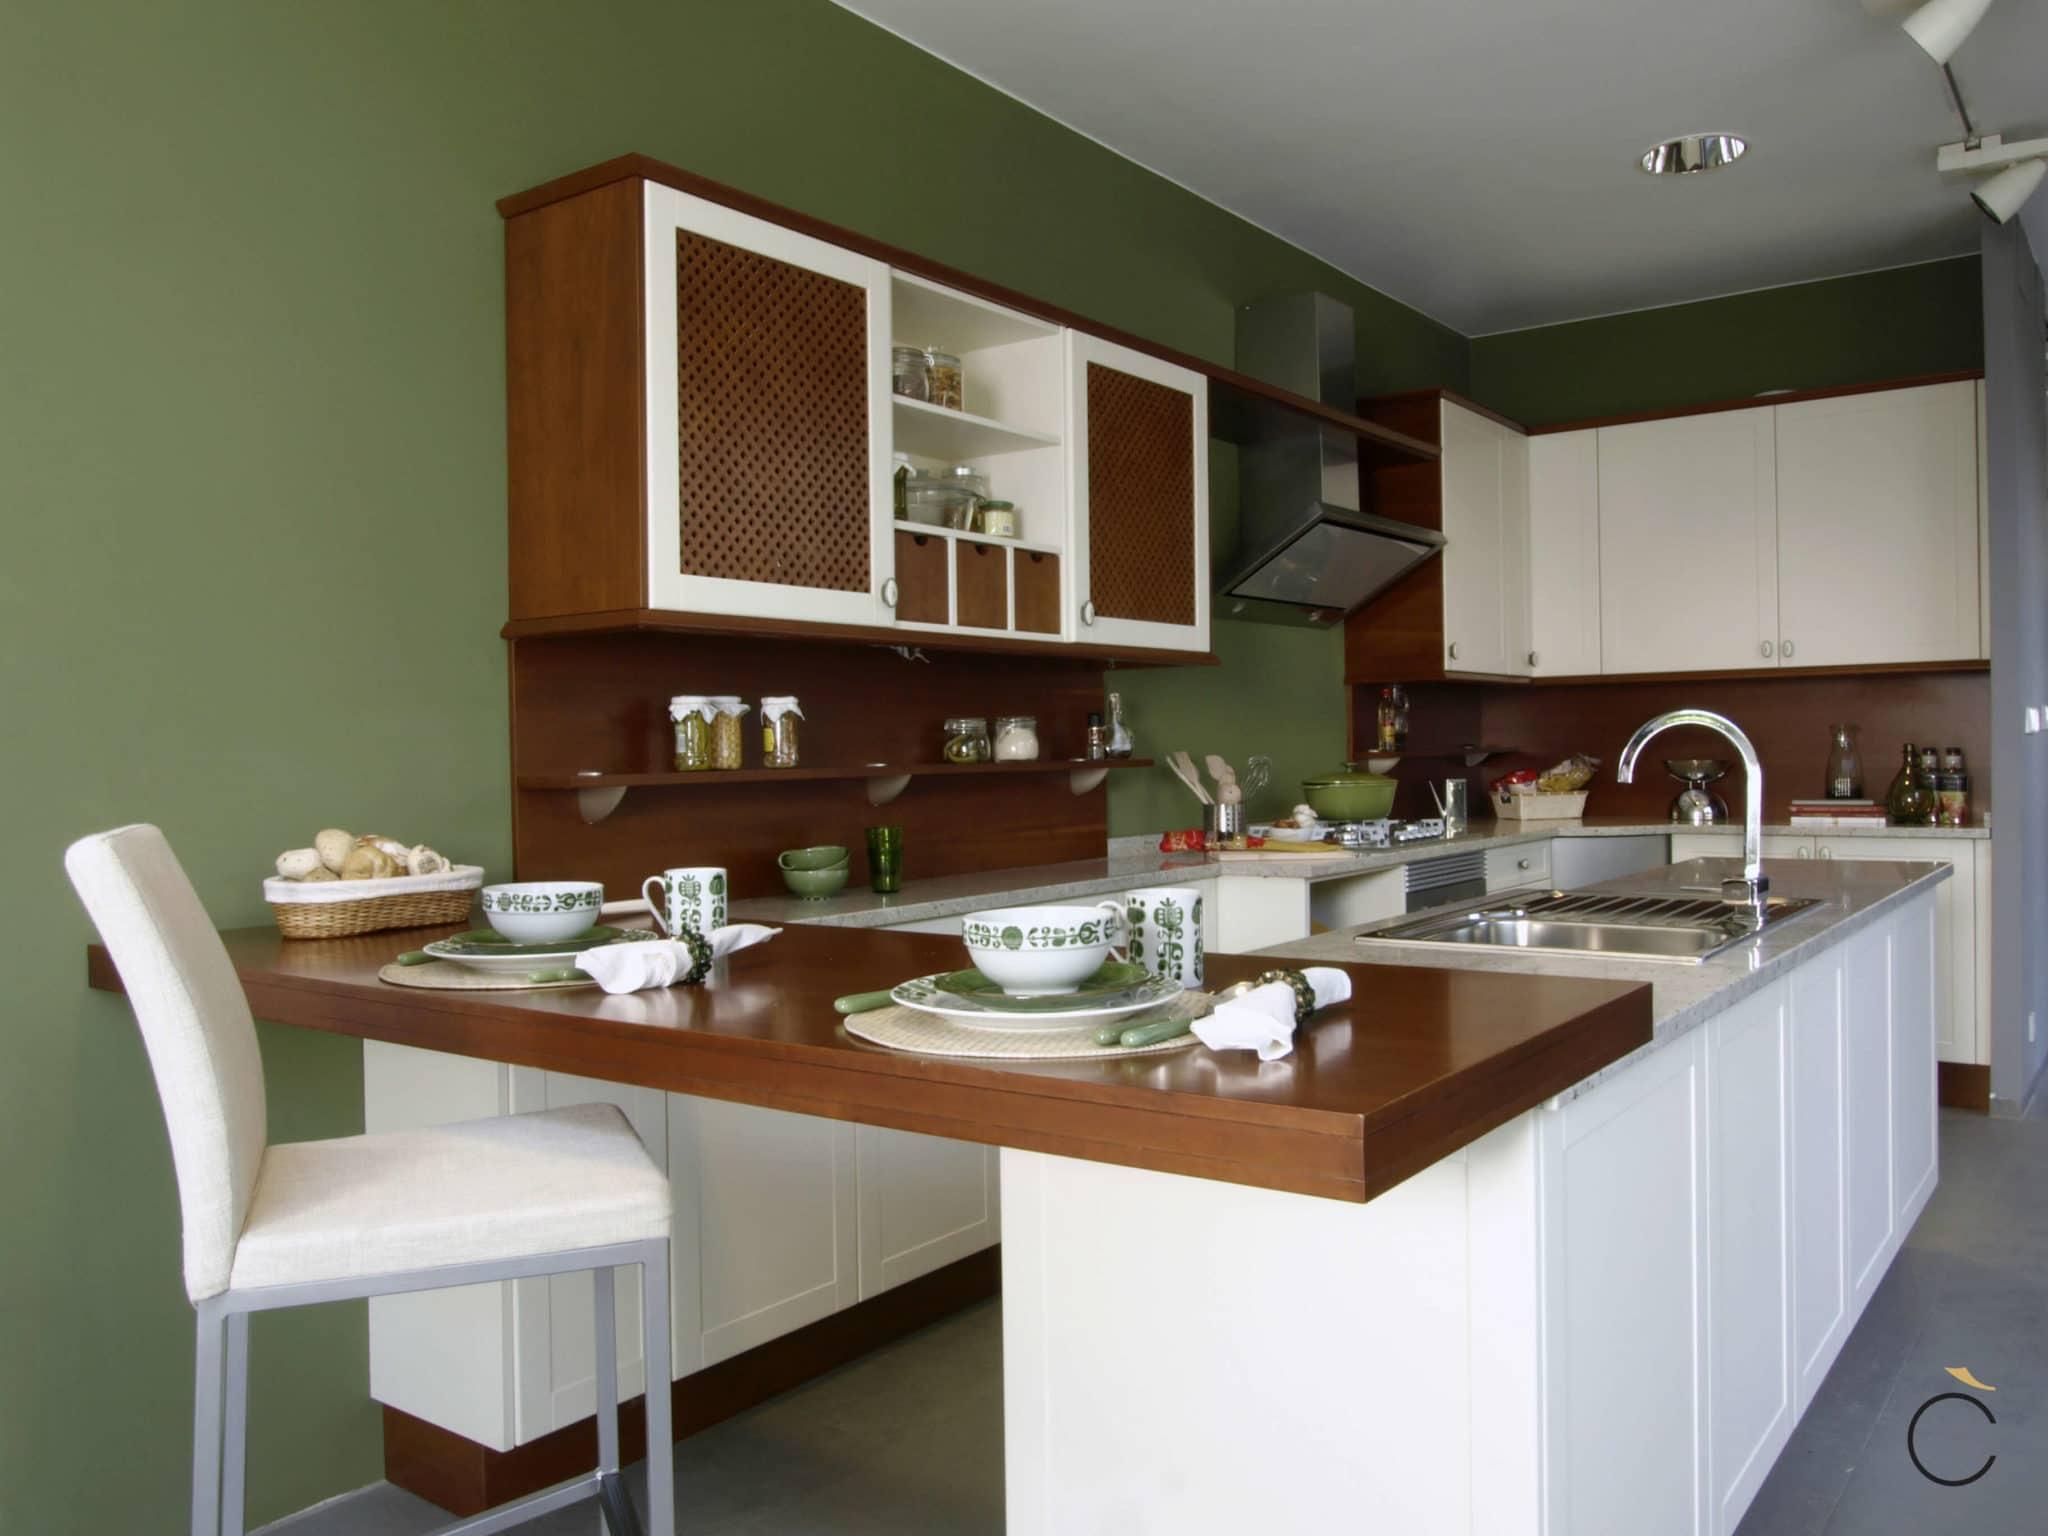 Cocinas Rsticas Modernas Descbrelas en Grupo Coeco